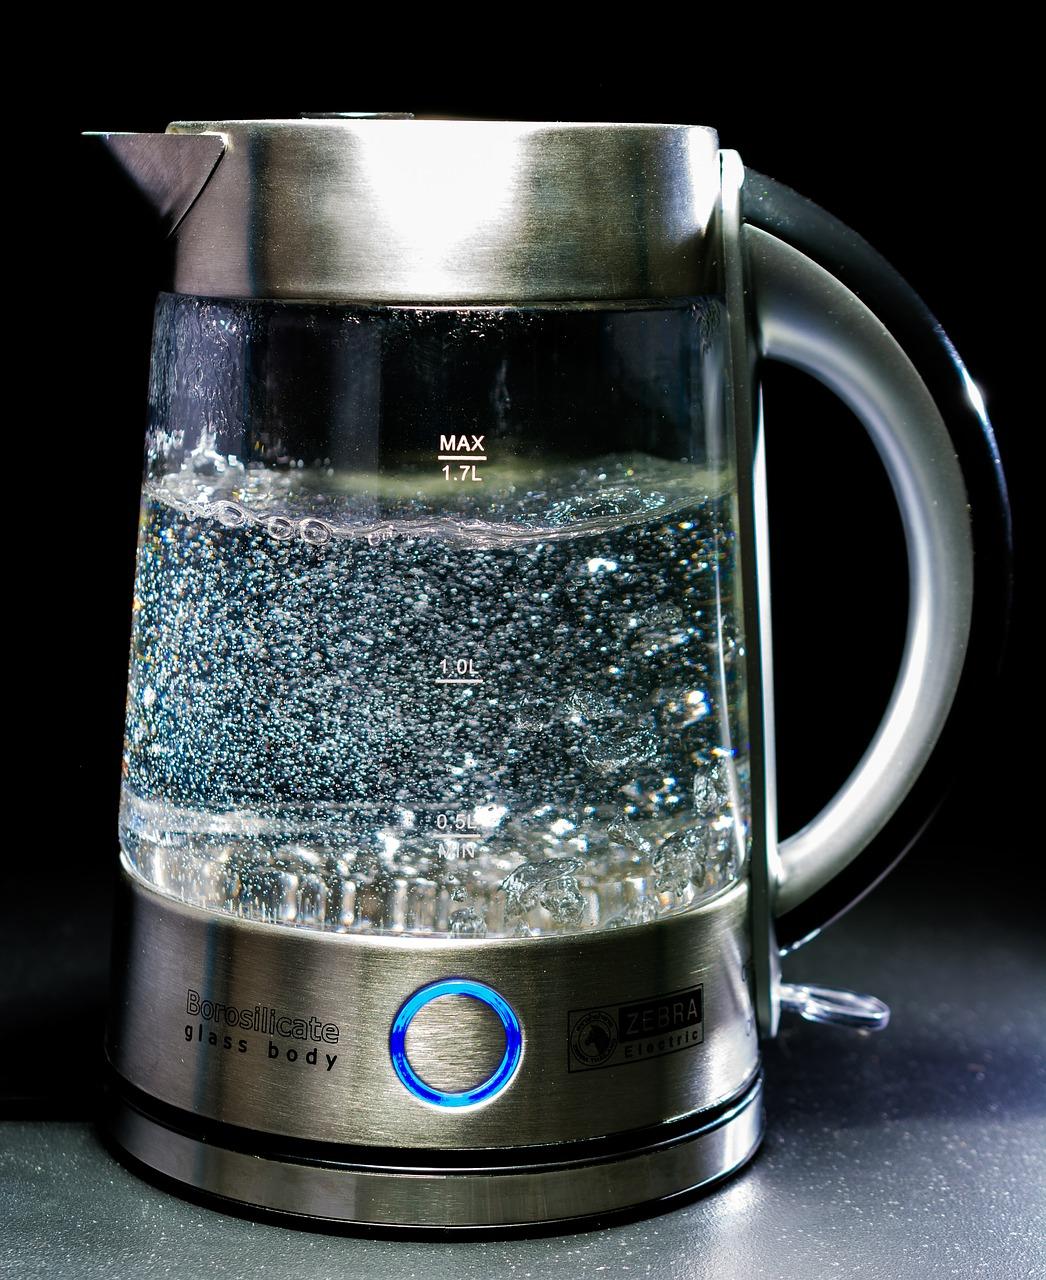 電気ケトルの掃除頻度は?ティファールの茶色汚れにはお酢、クエン酸、重曹が良い?ポッカレモンやコーラも使える!